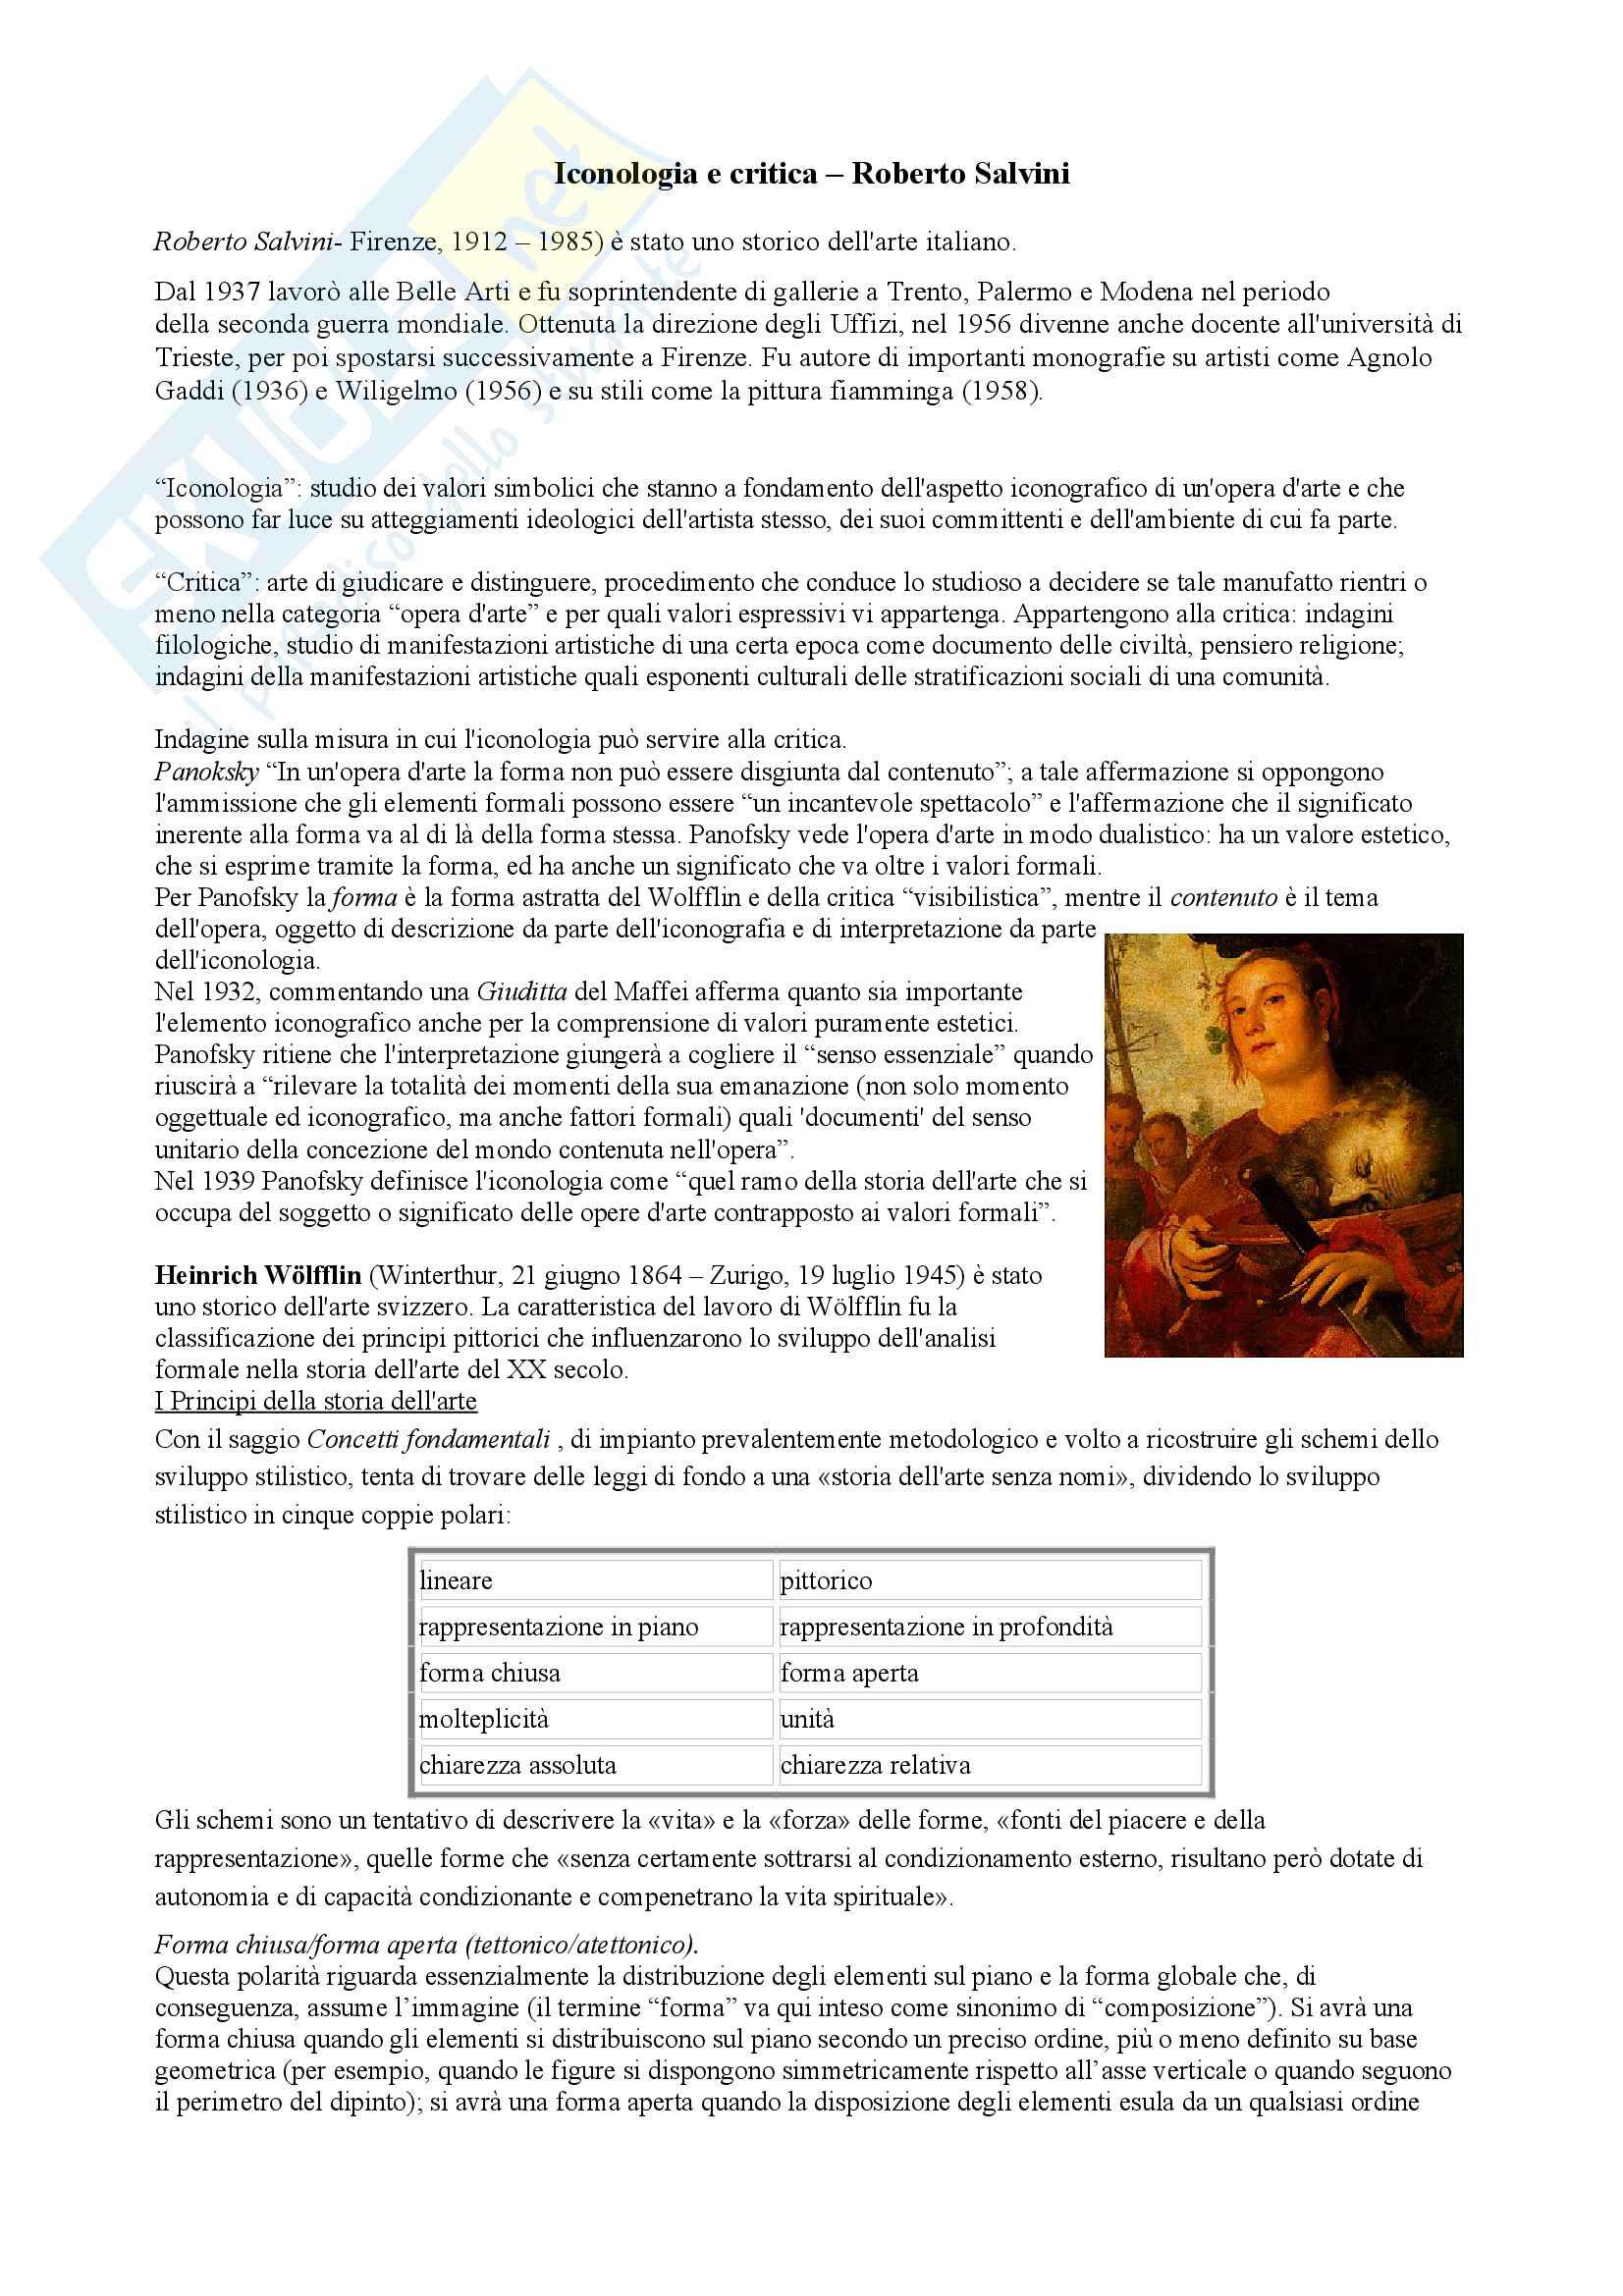 Riassunto esame iconologia e iconografia prof Cavicchioli, libro consigliato Iconologia e critica, Salvini